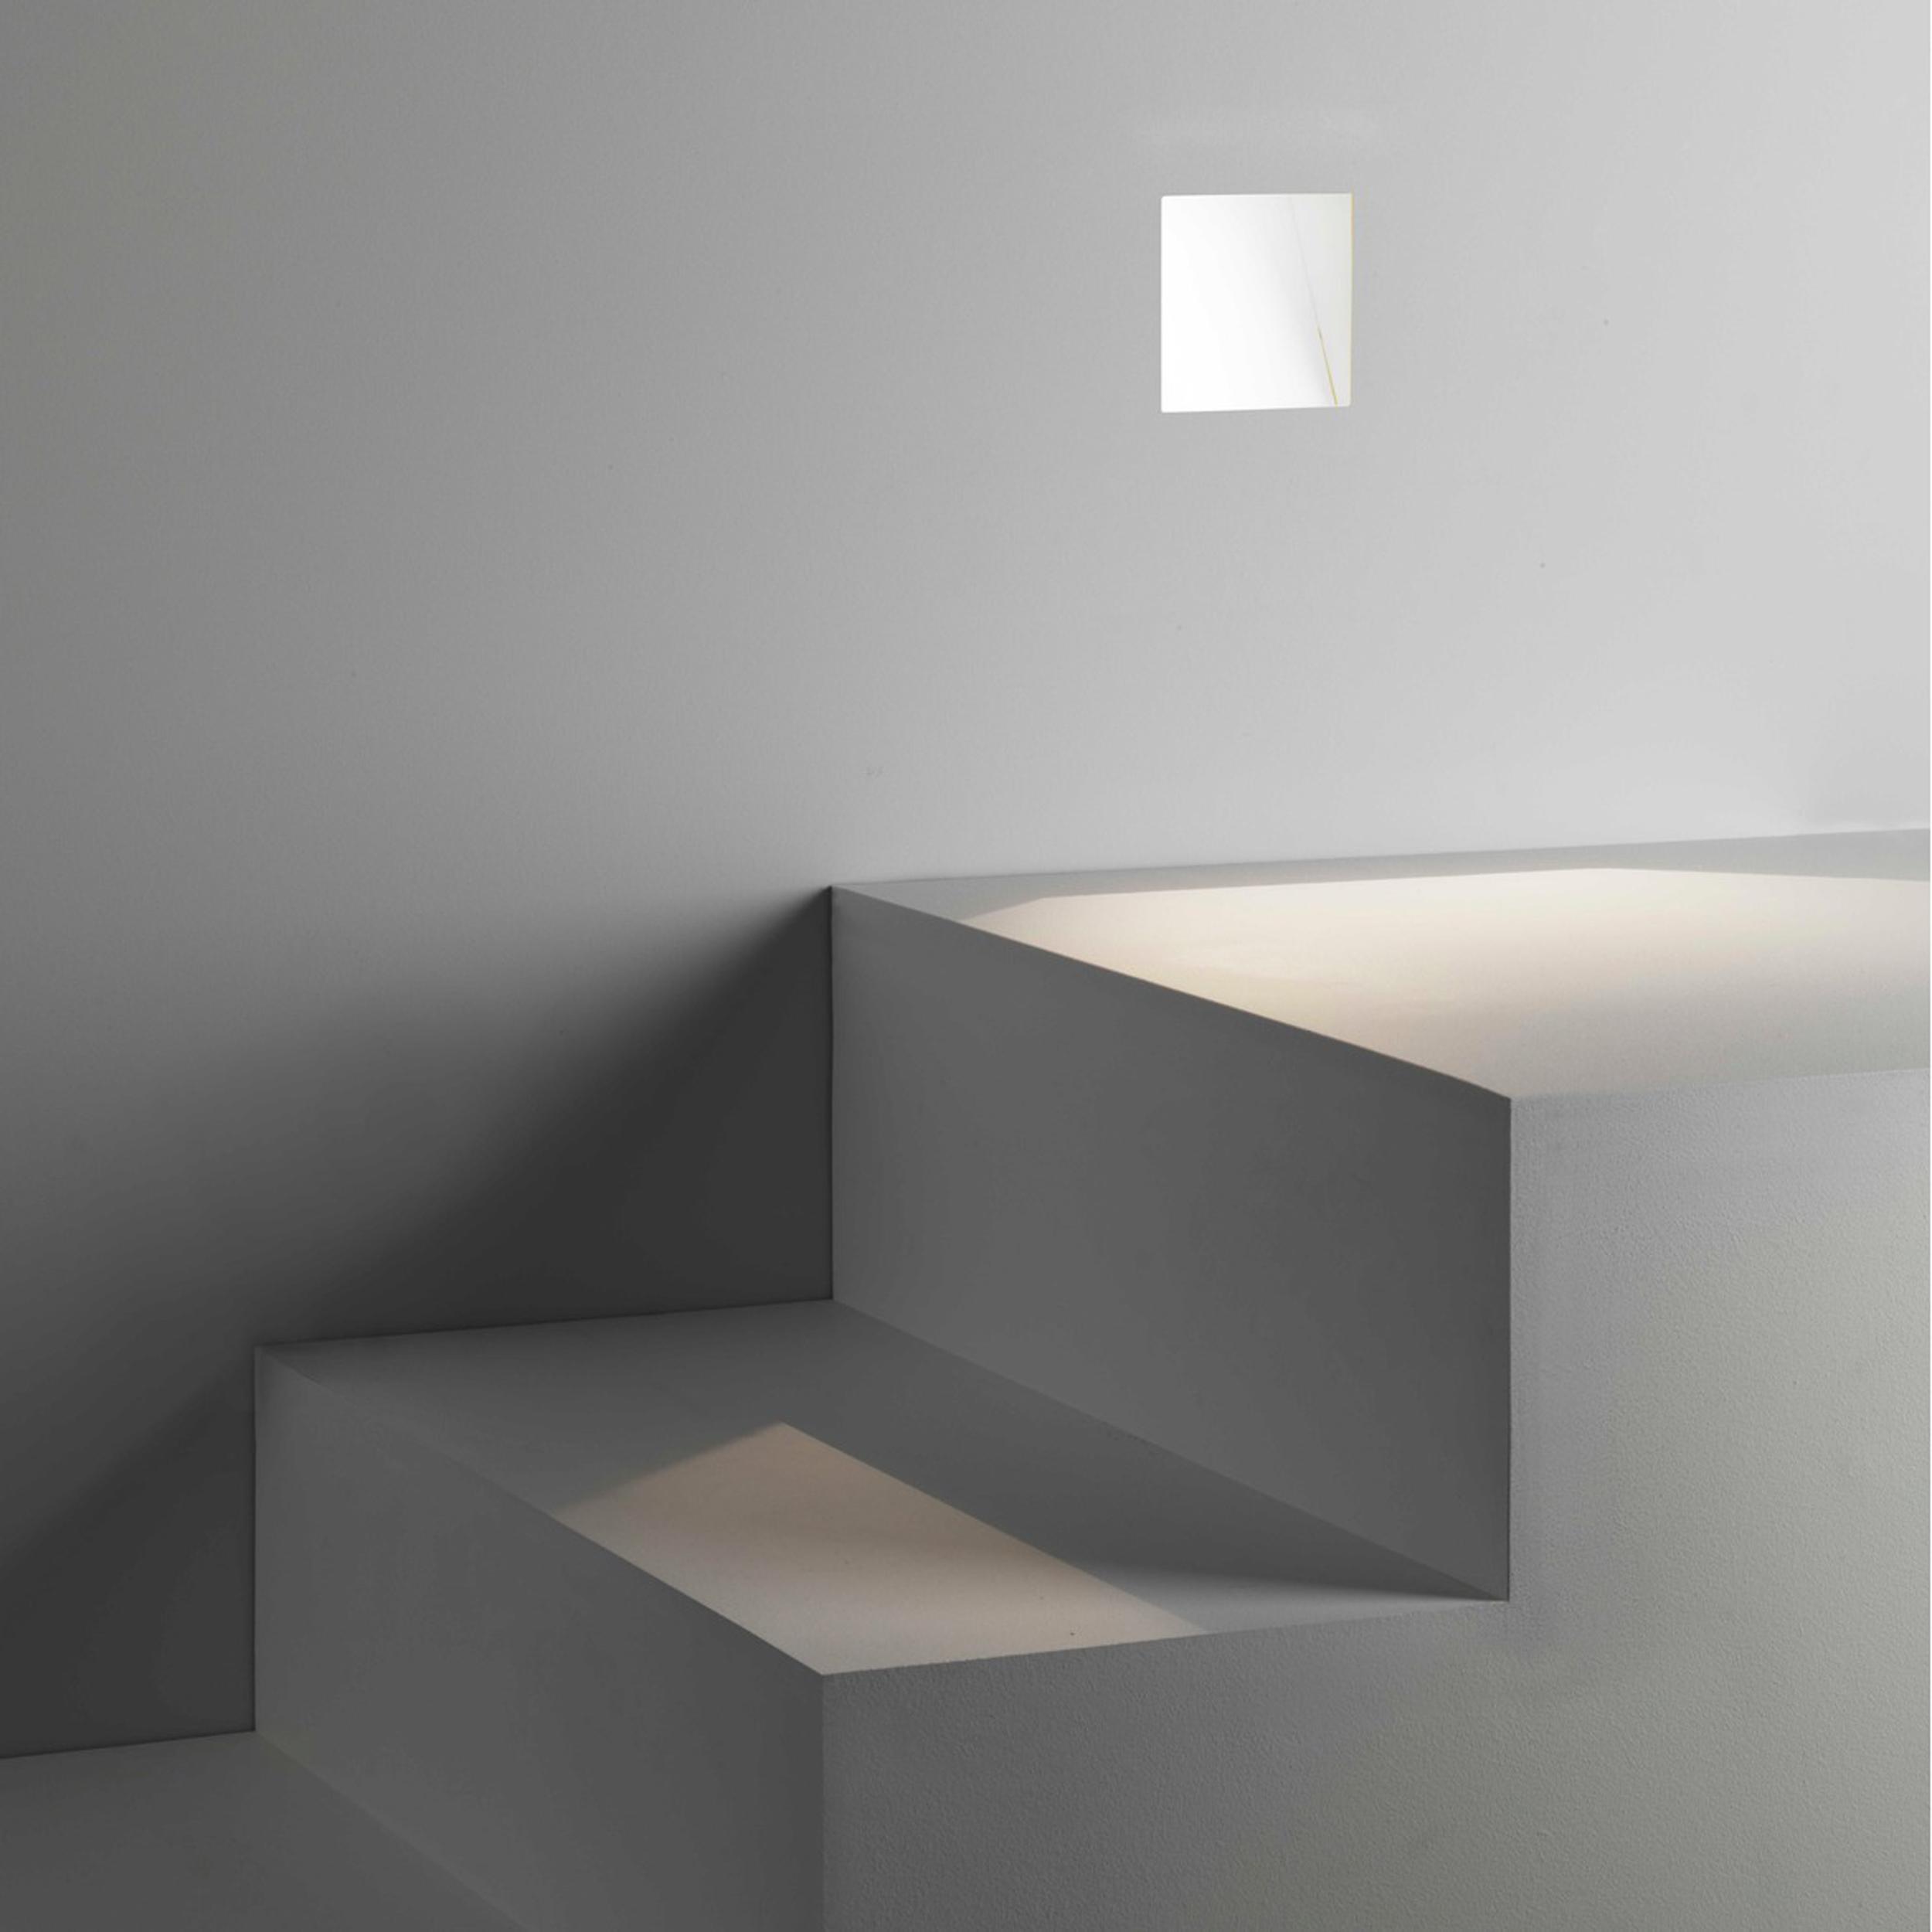 Astro Borgo Trimless 98 Wall Light 3000k B